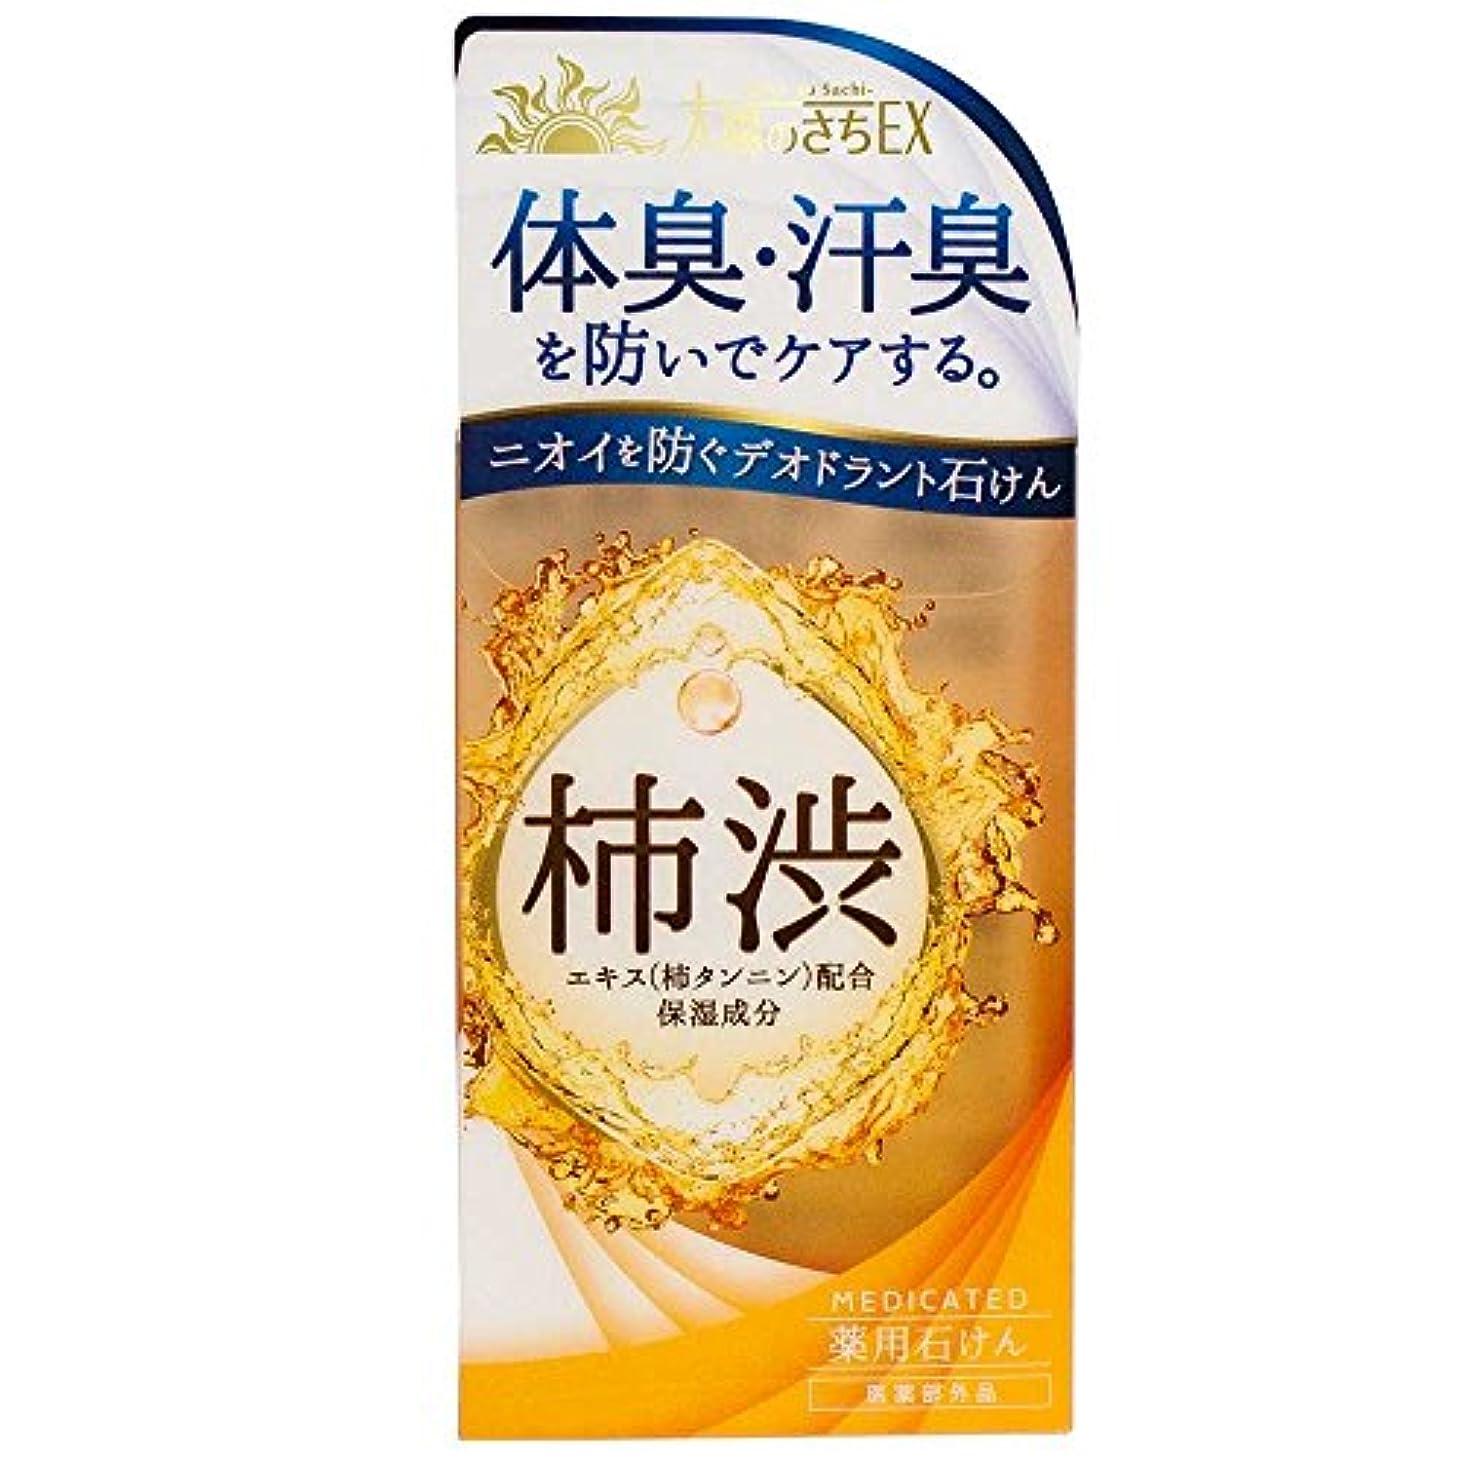 二次セールスマンアルプス薬用太陽のさちEX 柿渋石けん 120g[医薬部外品]